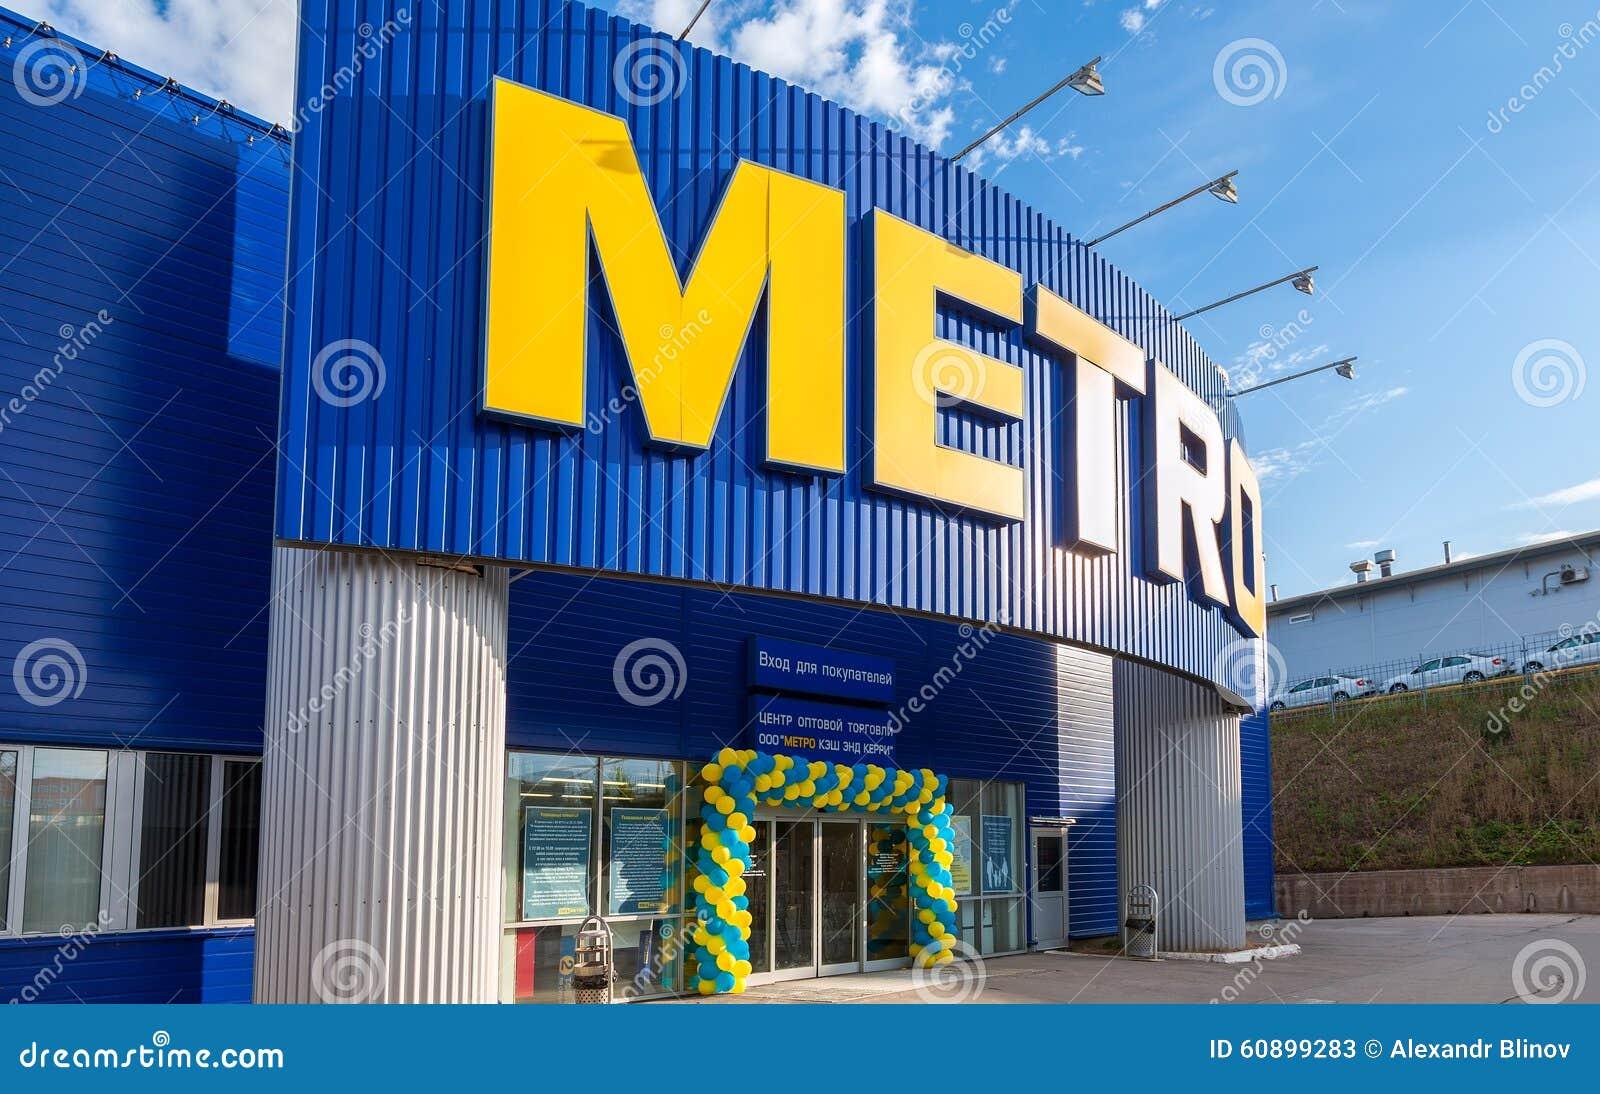 METRO Bargeld u. Carry Samara Store Metro-Gruppe ist ein globales Deutsches